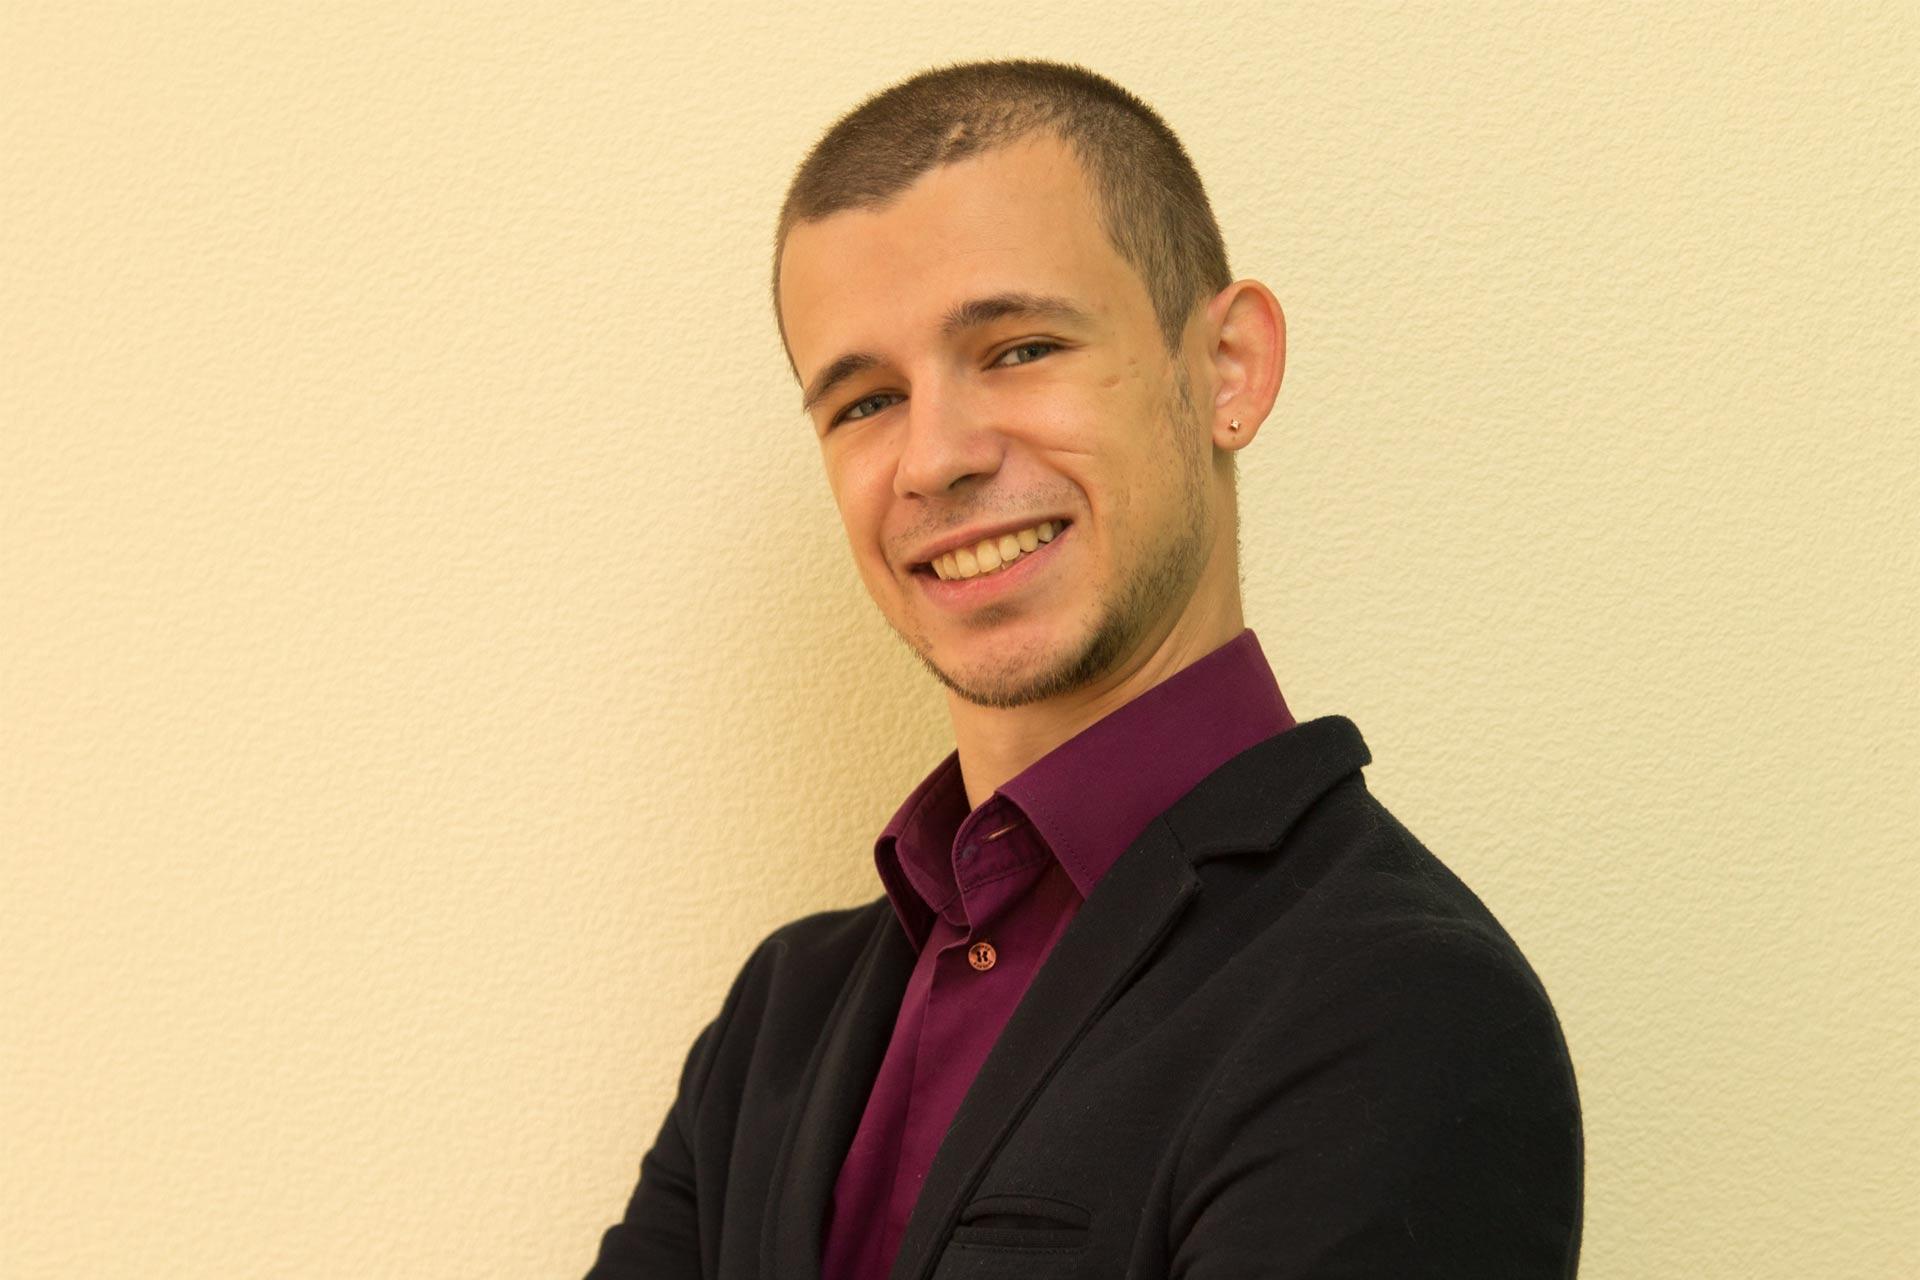 Станислав Ваксман. Эксперт по продажам, управлению продажами и созданию отделов продаж